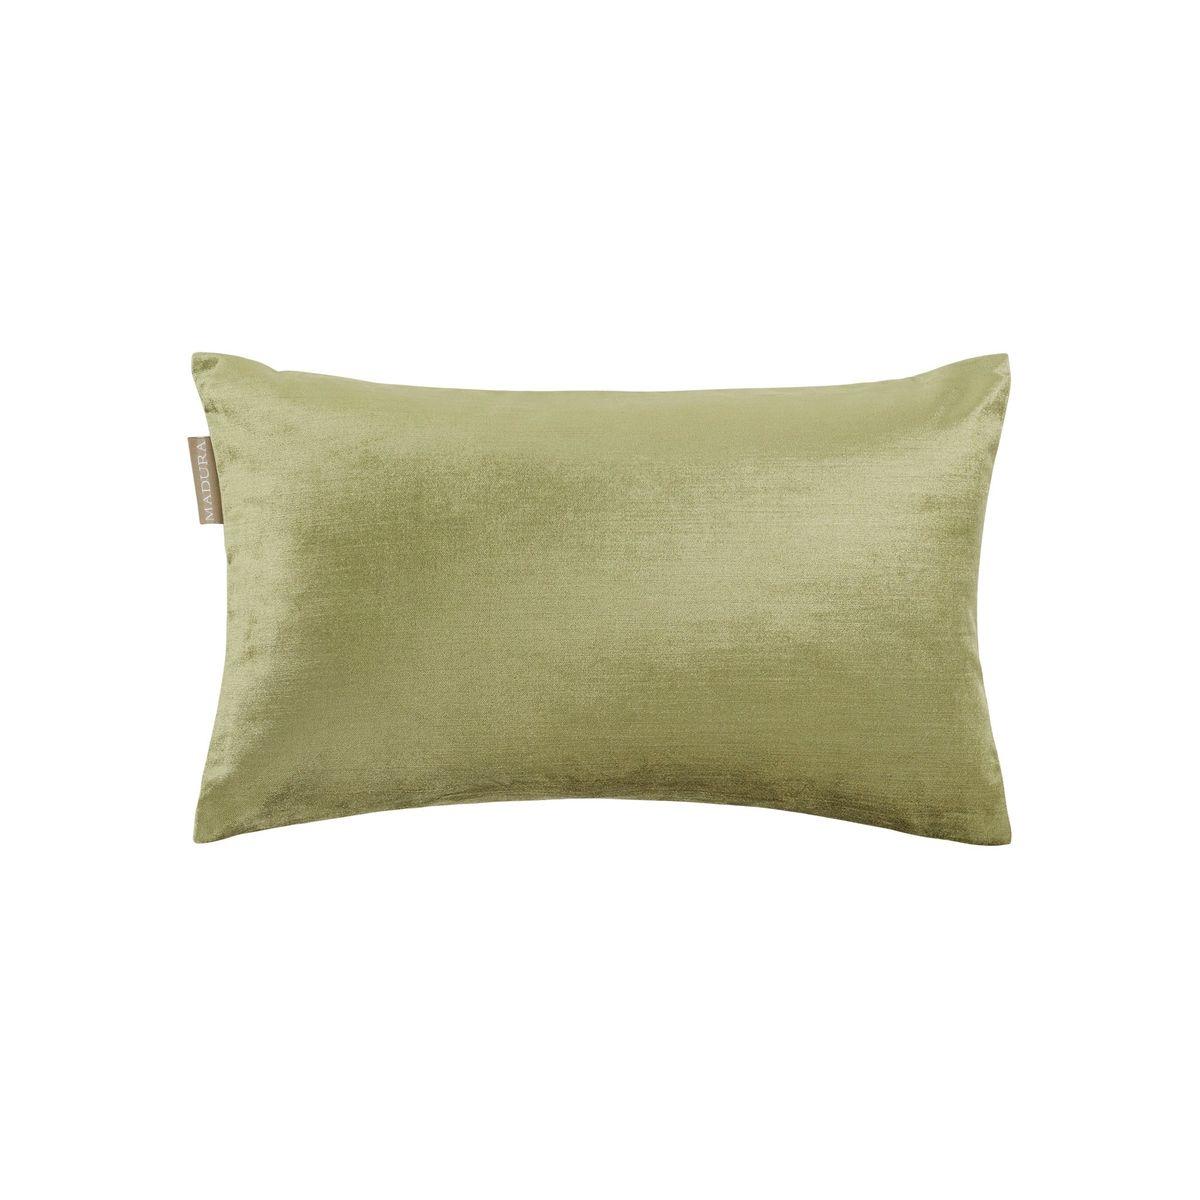 Enveloppe de coussin Coton CASTIGLIONE Vert et taupe